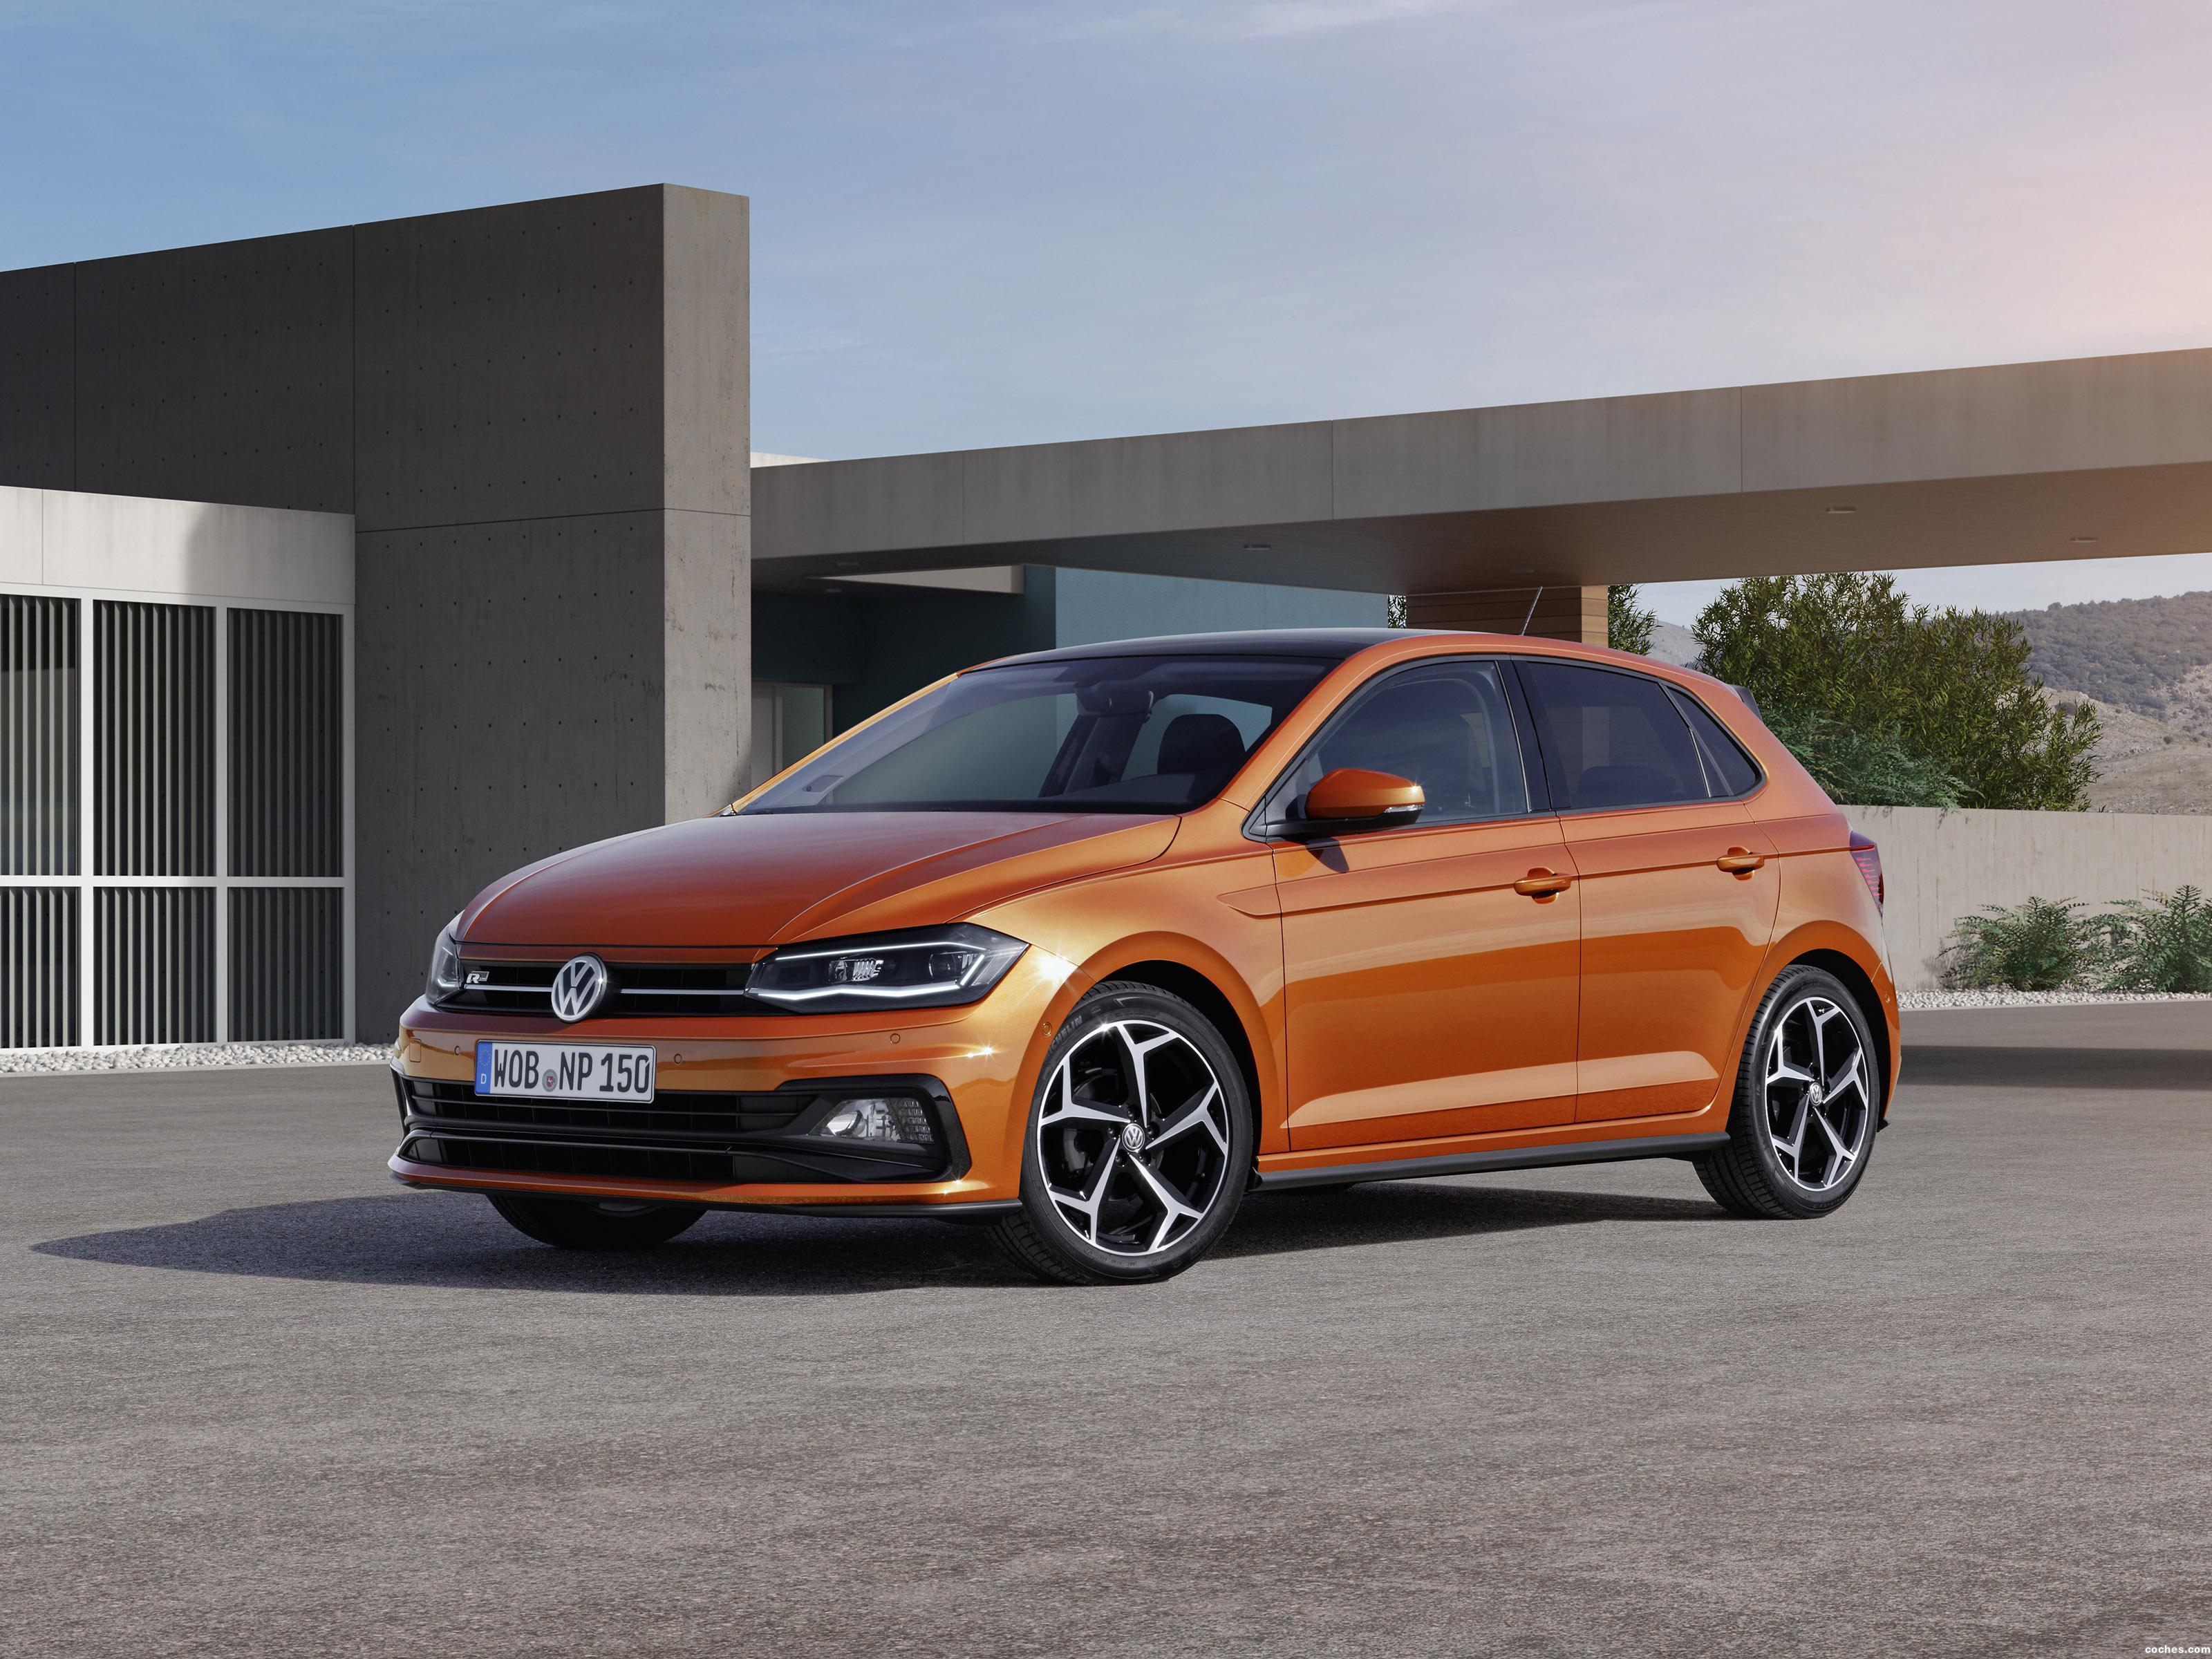 Foto 0 de Volkswagen Polo R-Line 2017